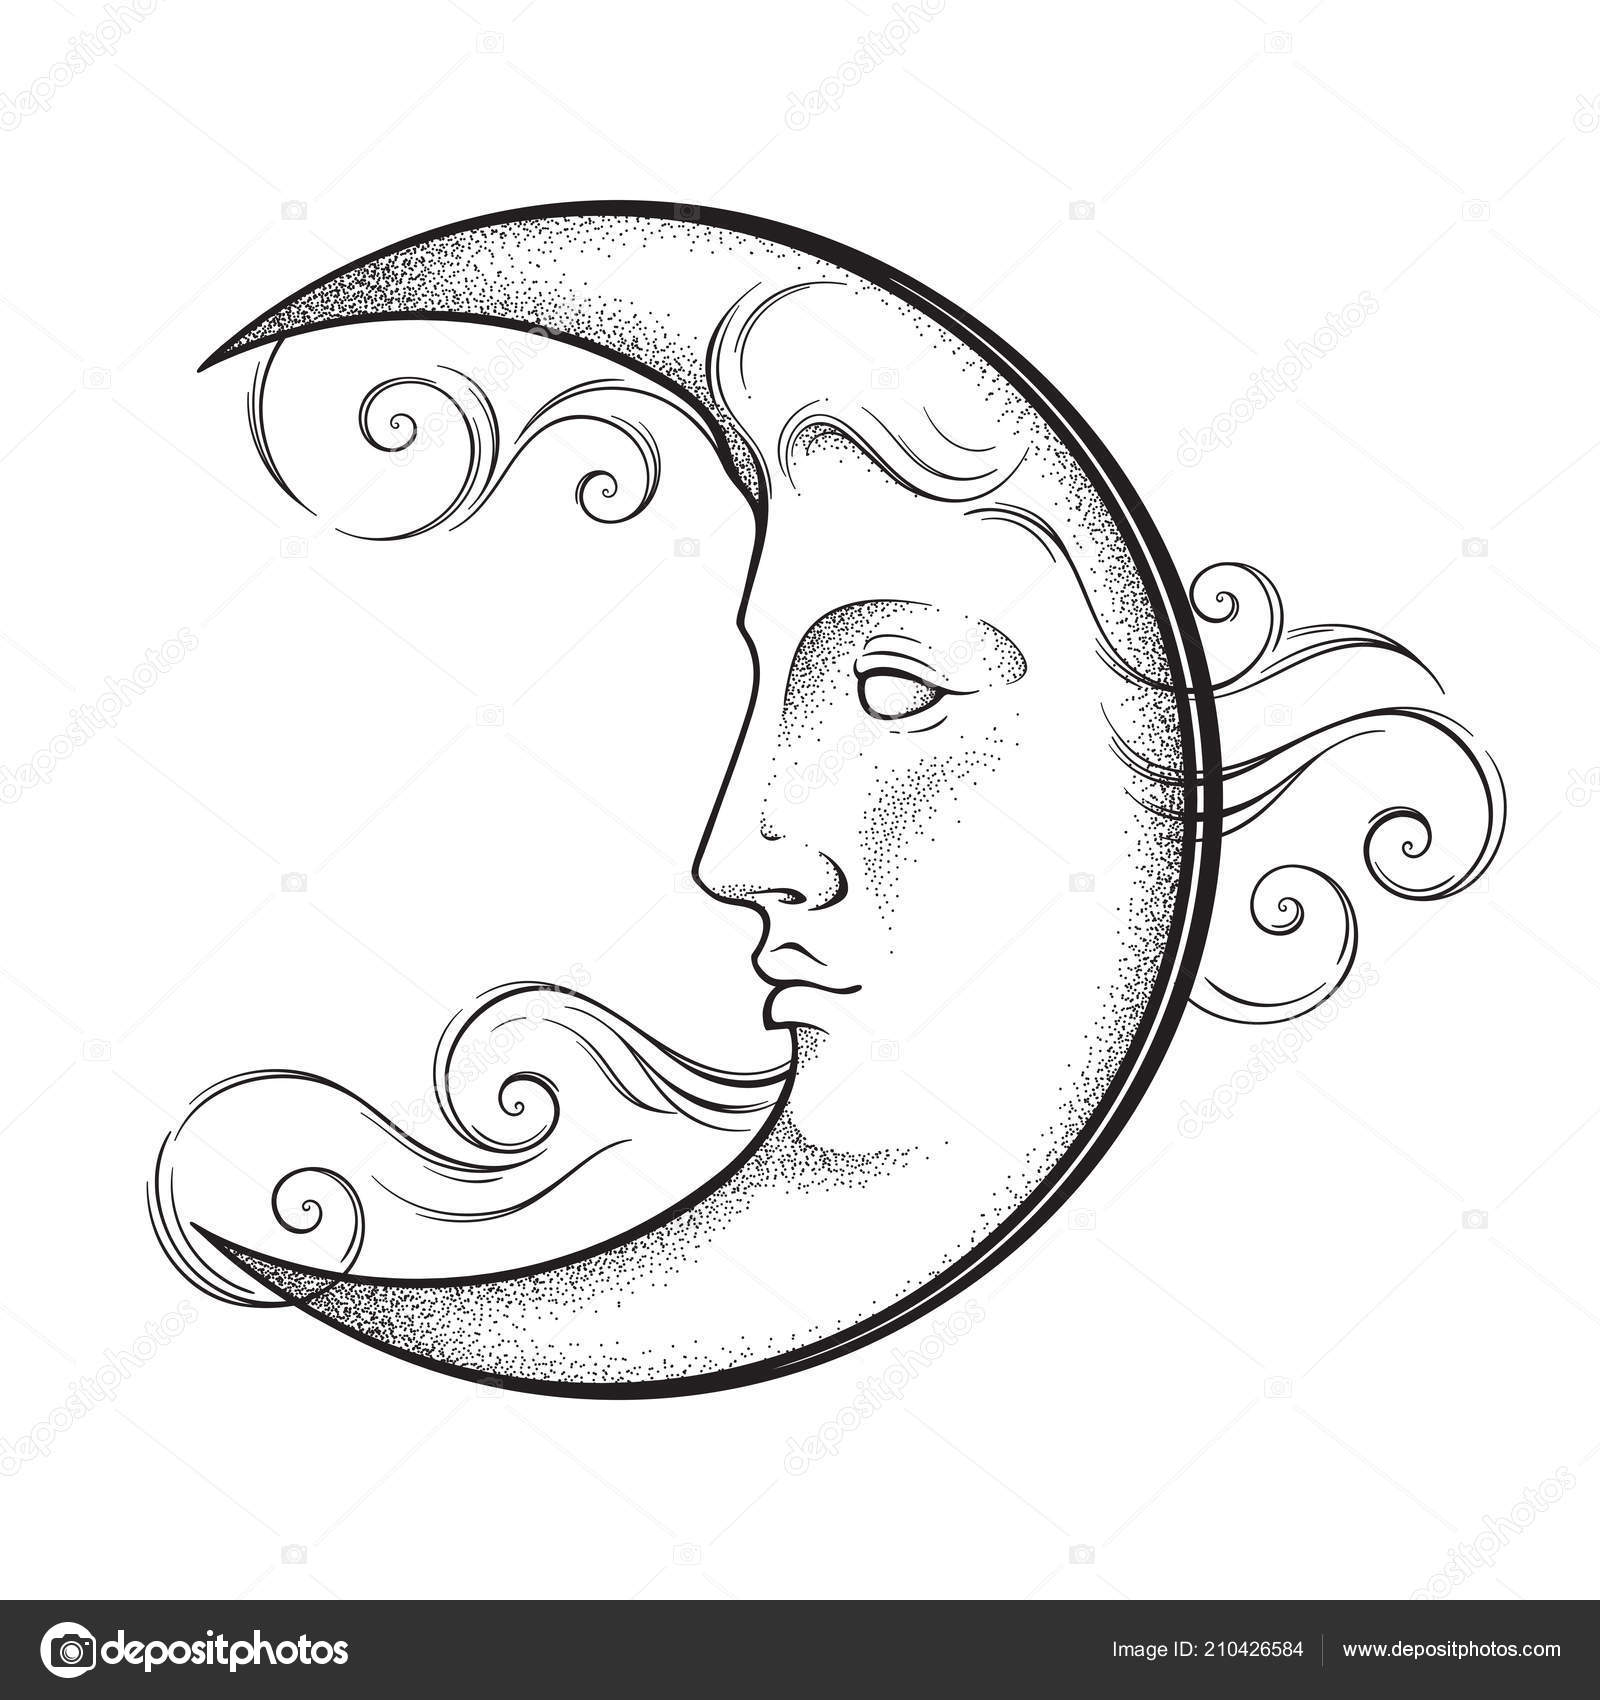 Drawn Realistic Crescent Moon Tattoo